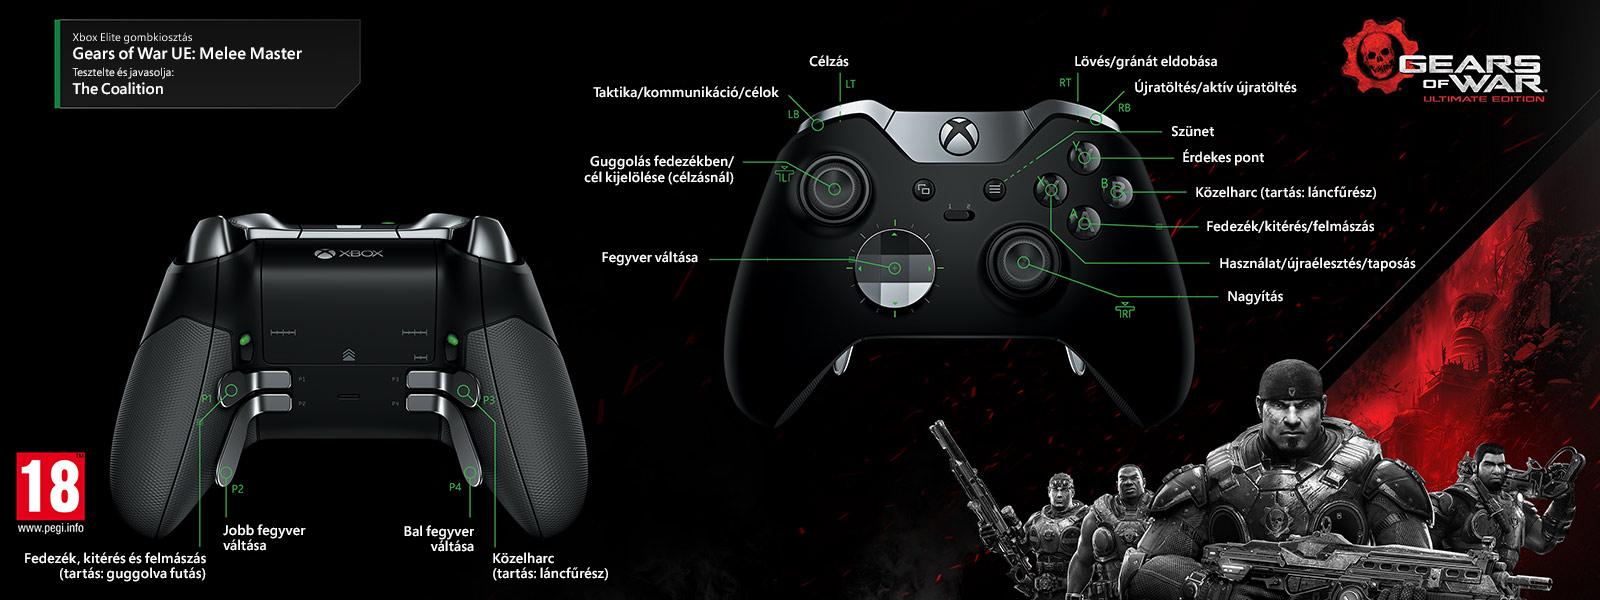 """Gears of Wars Ultimate Edition – """"közelharc mestere"""" többjátékos Elit-gombkiosztás"""